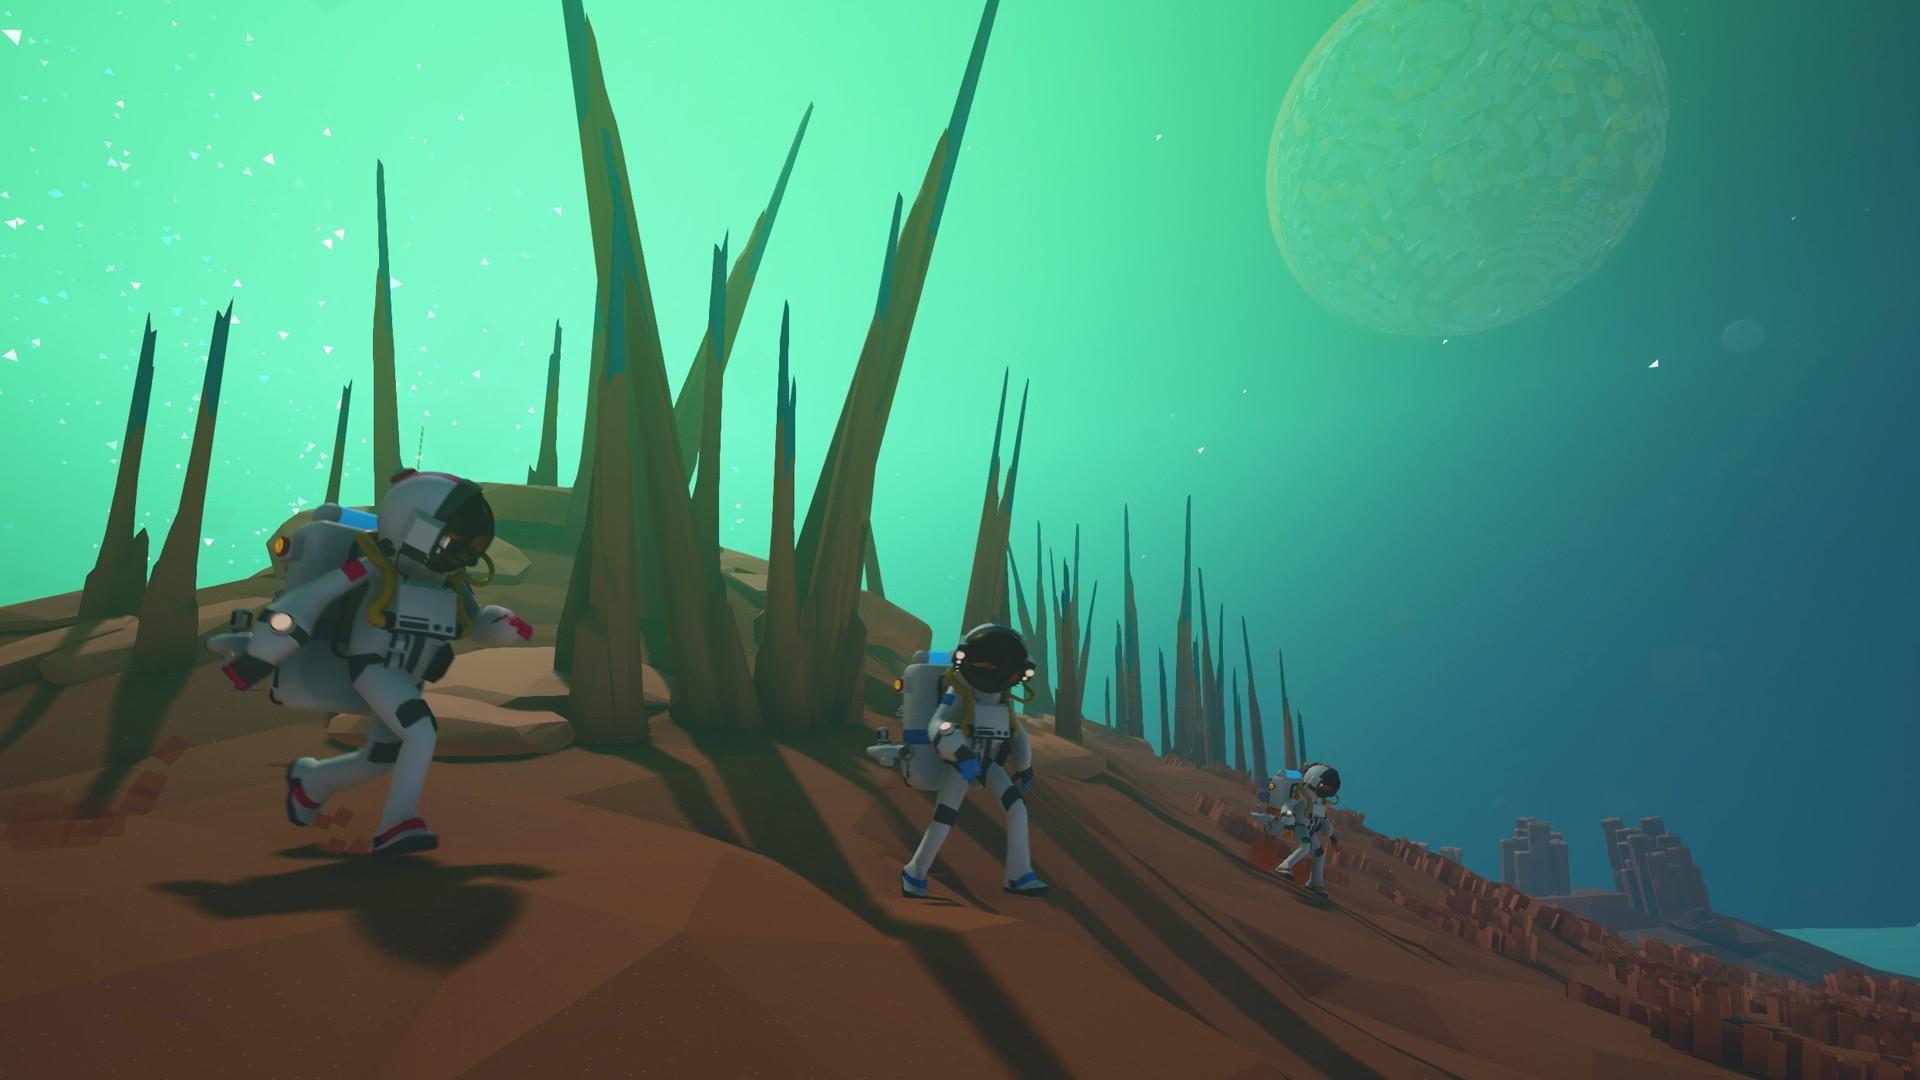 《异星探险家》现已登陆Steam商店